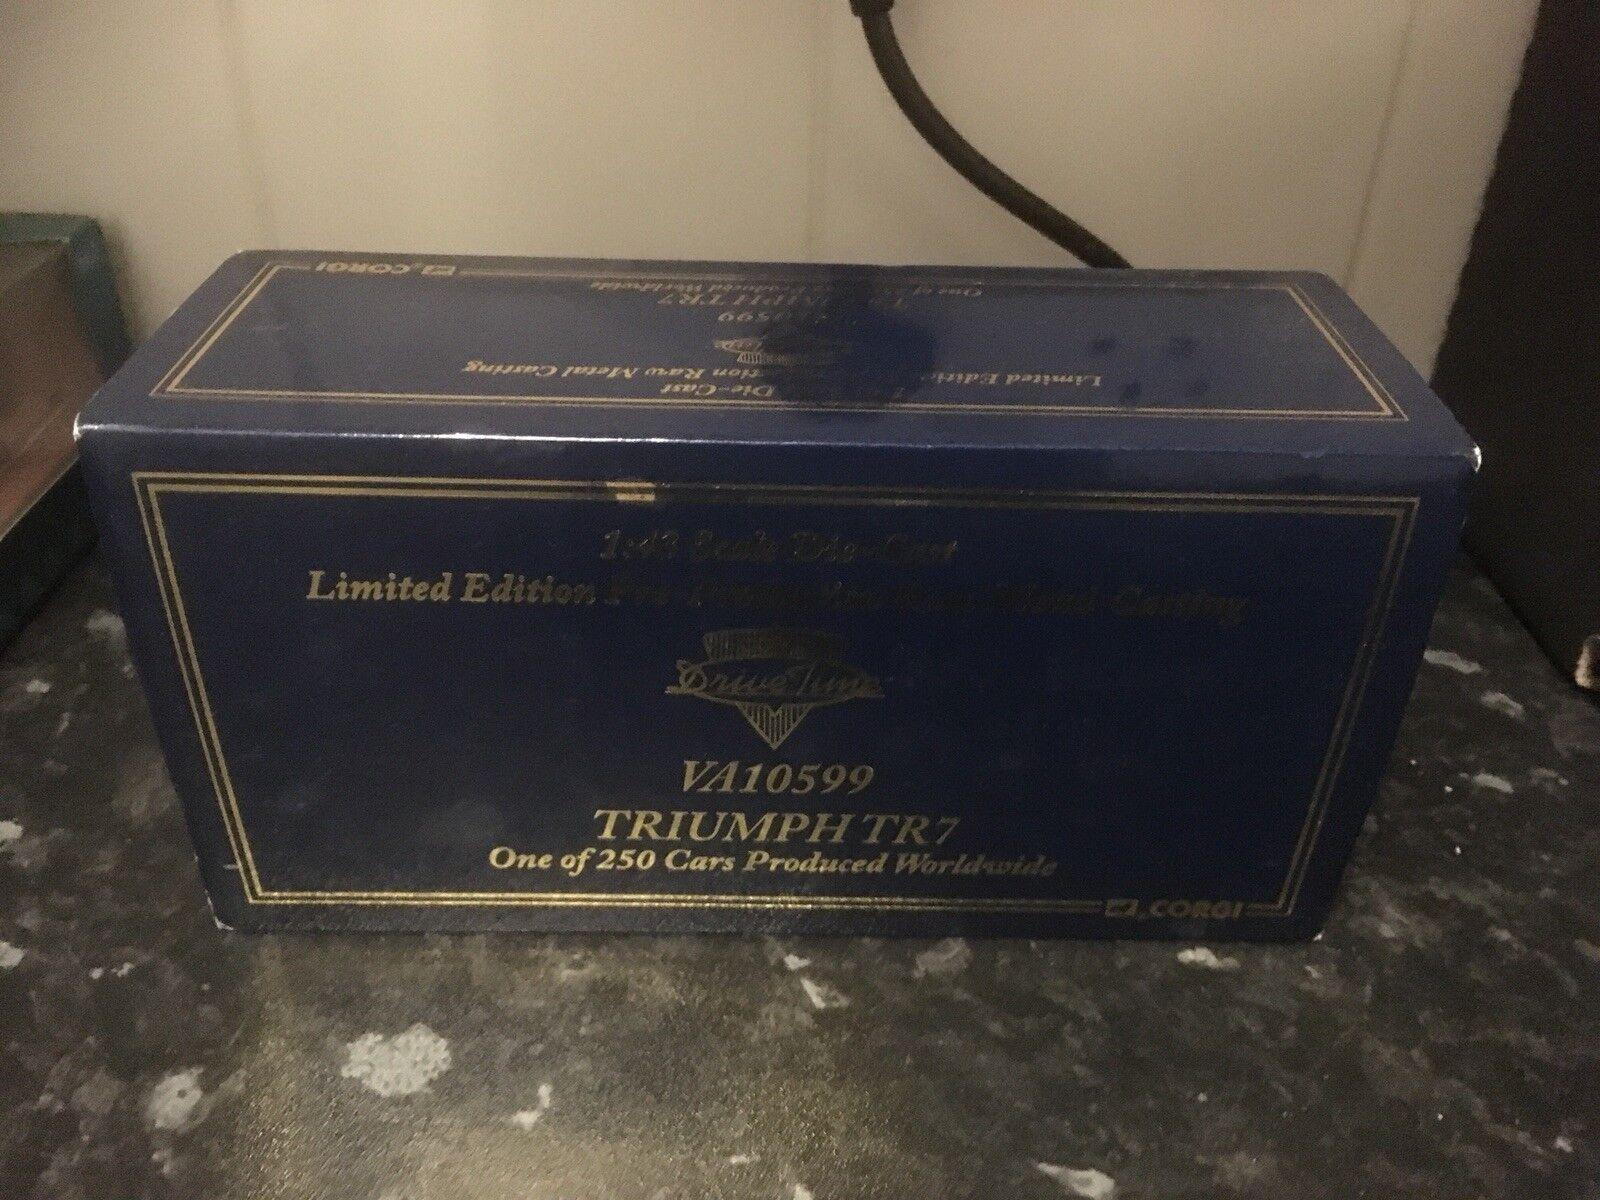 Vanguards RAW METAL TRIUMPH TR7 pré production LTD ED 1 43 En parfait état, dans sa boîte VA10599 250pcs